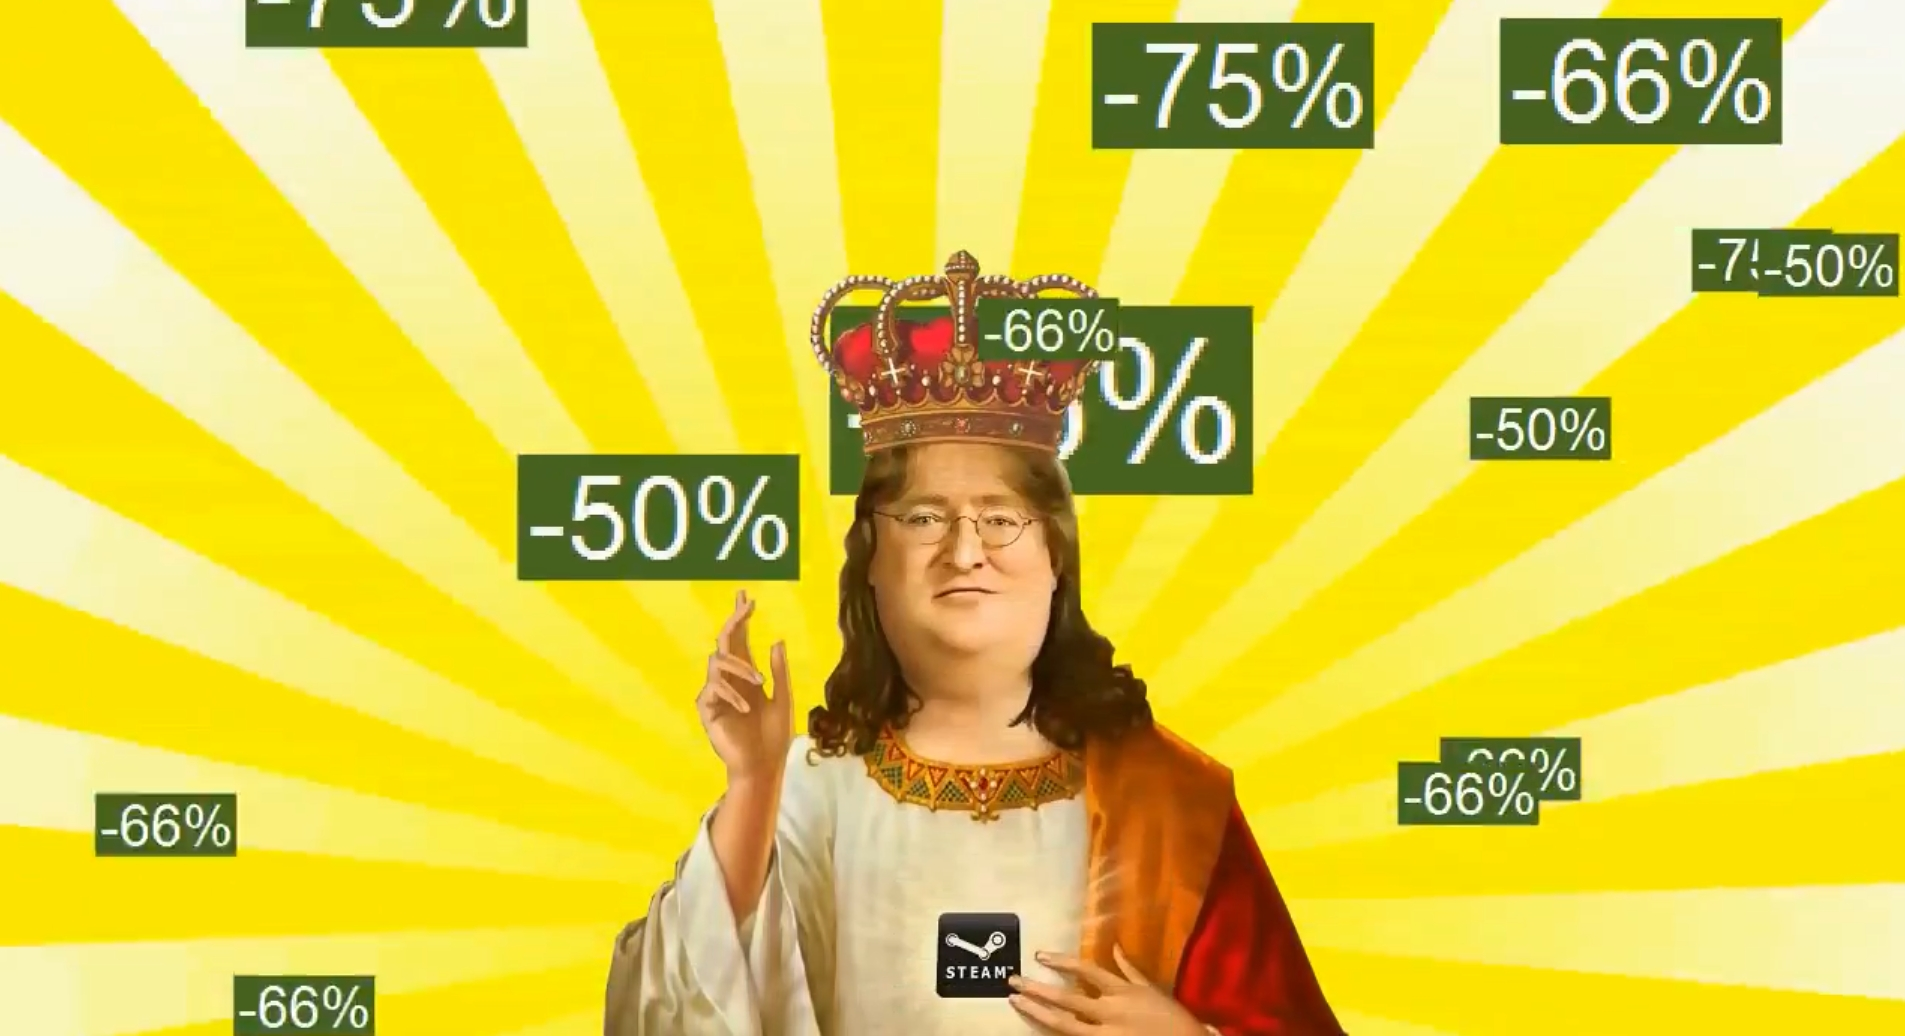 Скоро игрите в Steam са с -50% от цената